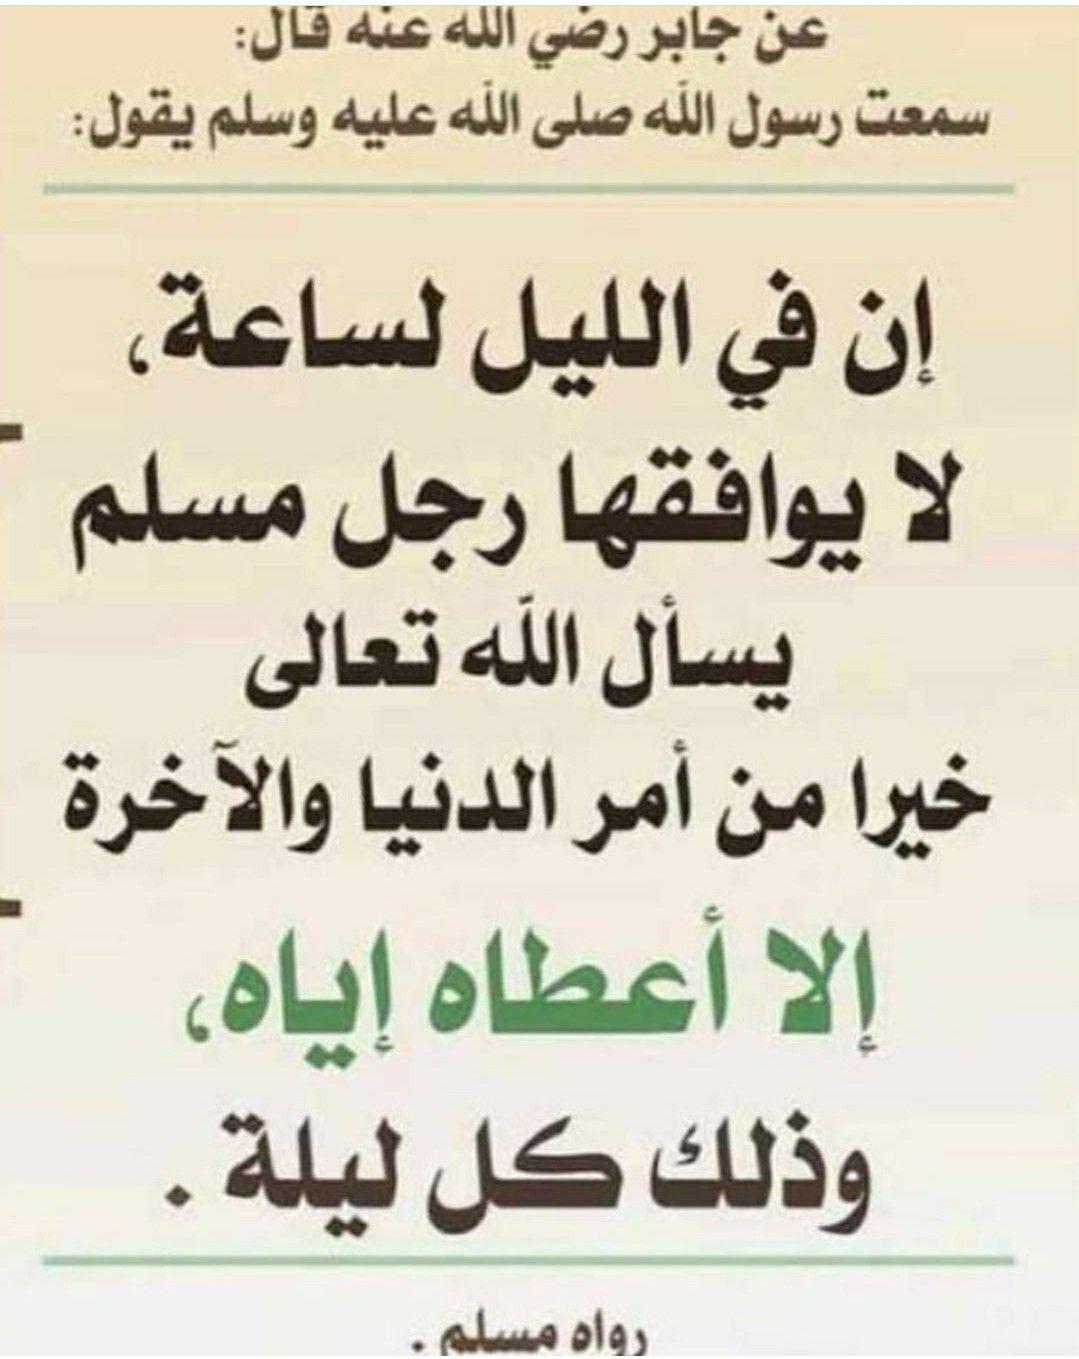 أحاديث الرسول صلى الله عليه وسلم In 2020 Ahadith Arabic Quotes Hadith